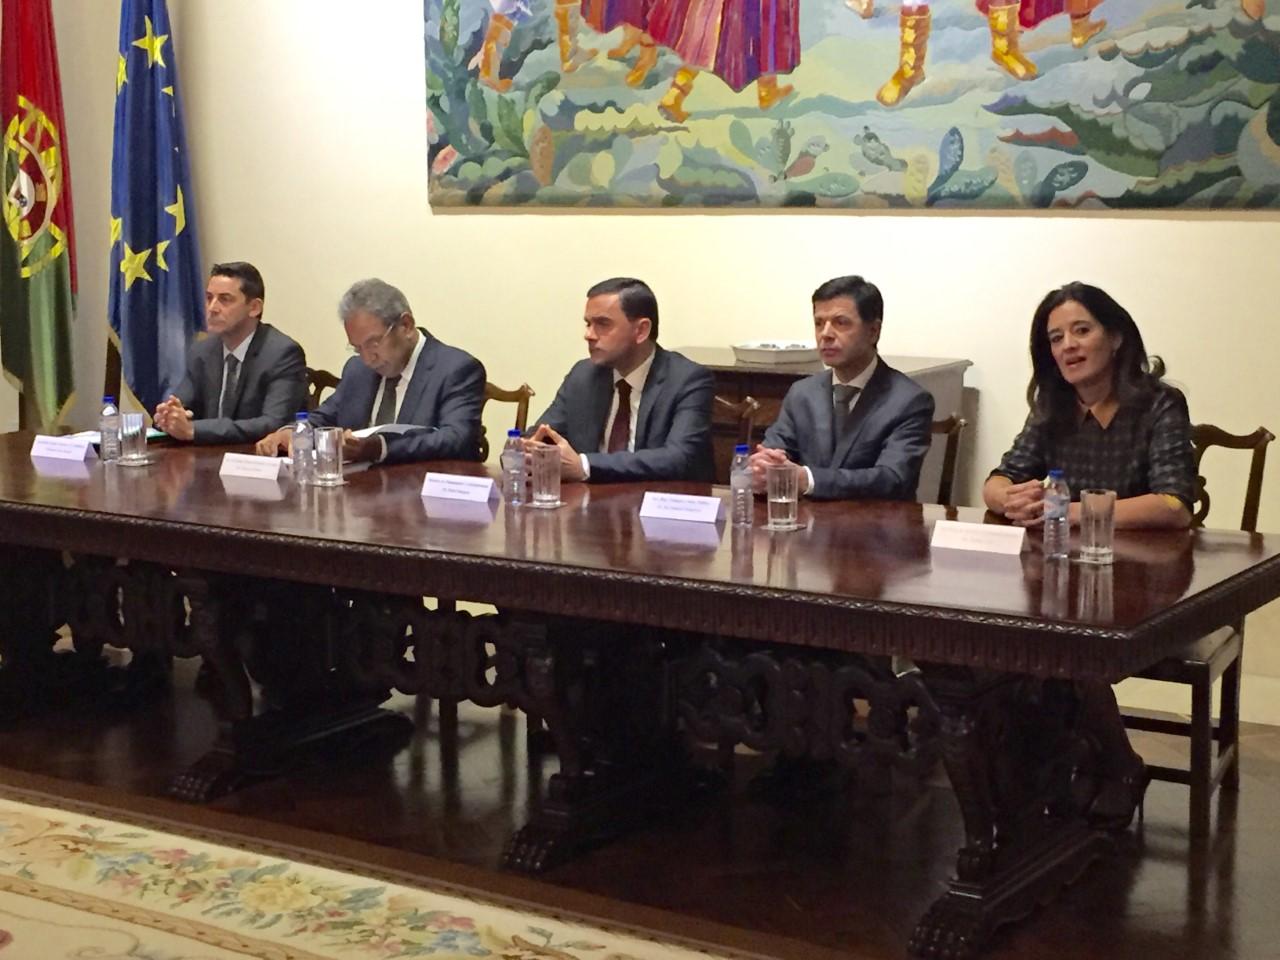 Secretário das Finanças pede celeridade no apoio às famílias afetadas